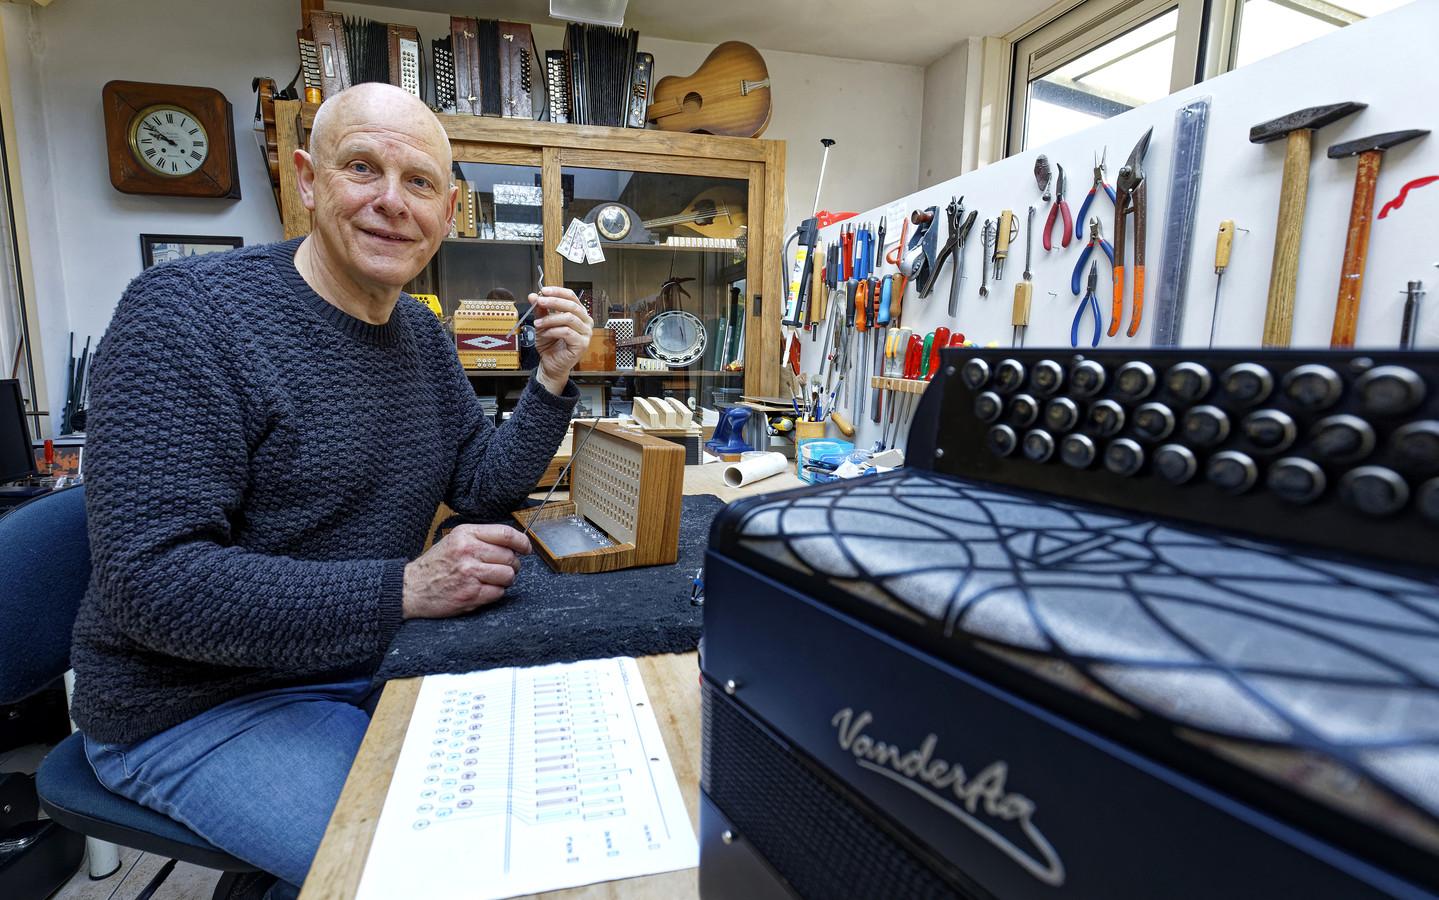 De Boxtelse accordeonbouwer Frans van der Aa aan de slag in zijn werkplaats.